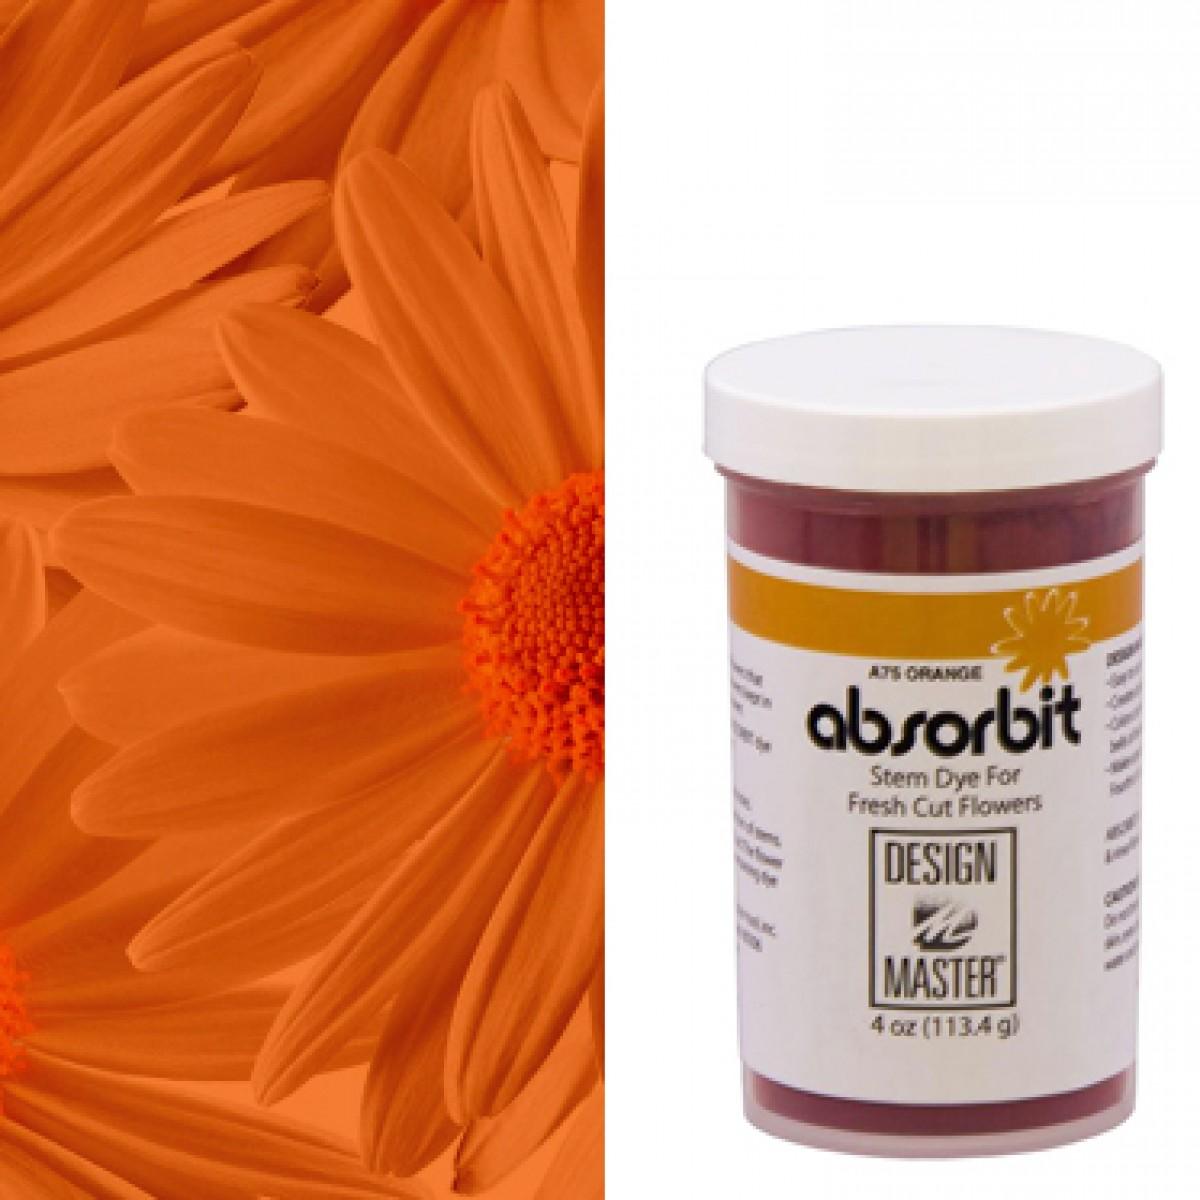 A75 DM Absorbit Dye Orange 113gms